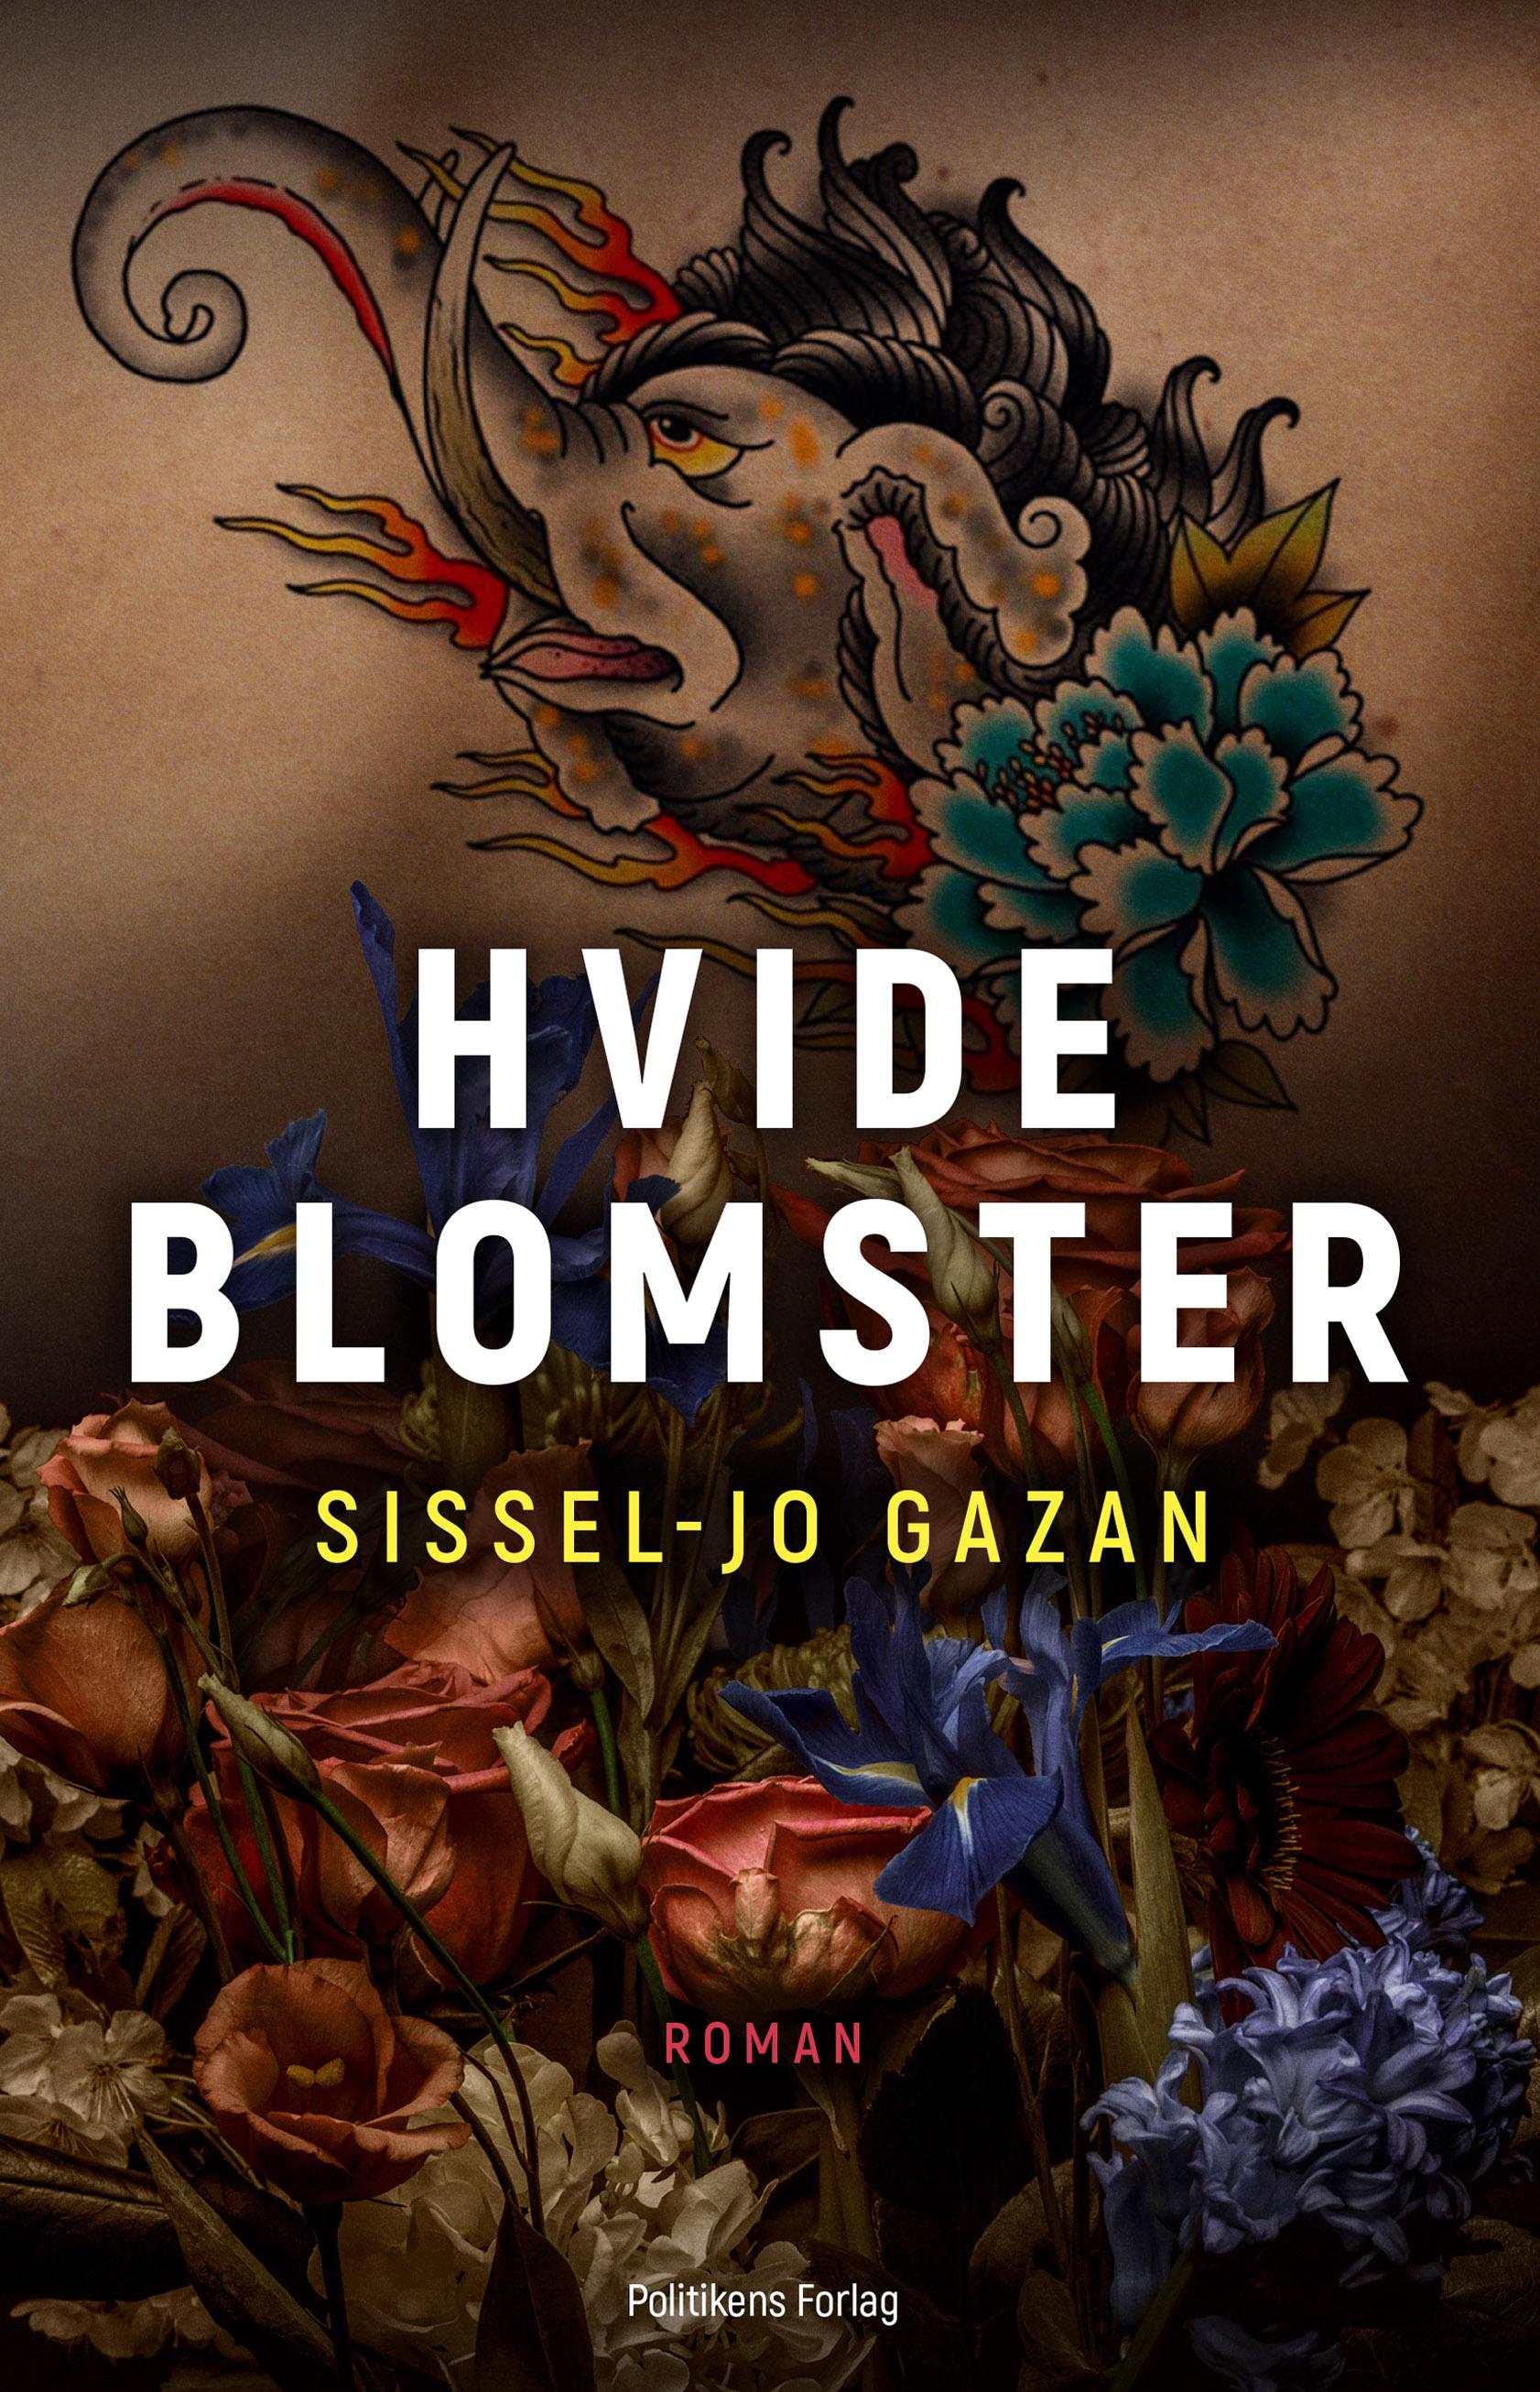 Hvide blomster - Sissel-Jo Gazan - Bøger - Politikens Forlag - 9788740050820 - October 6, 2020